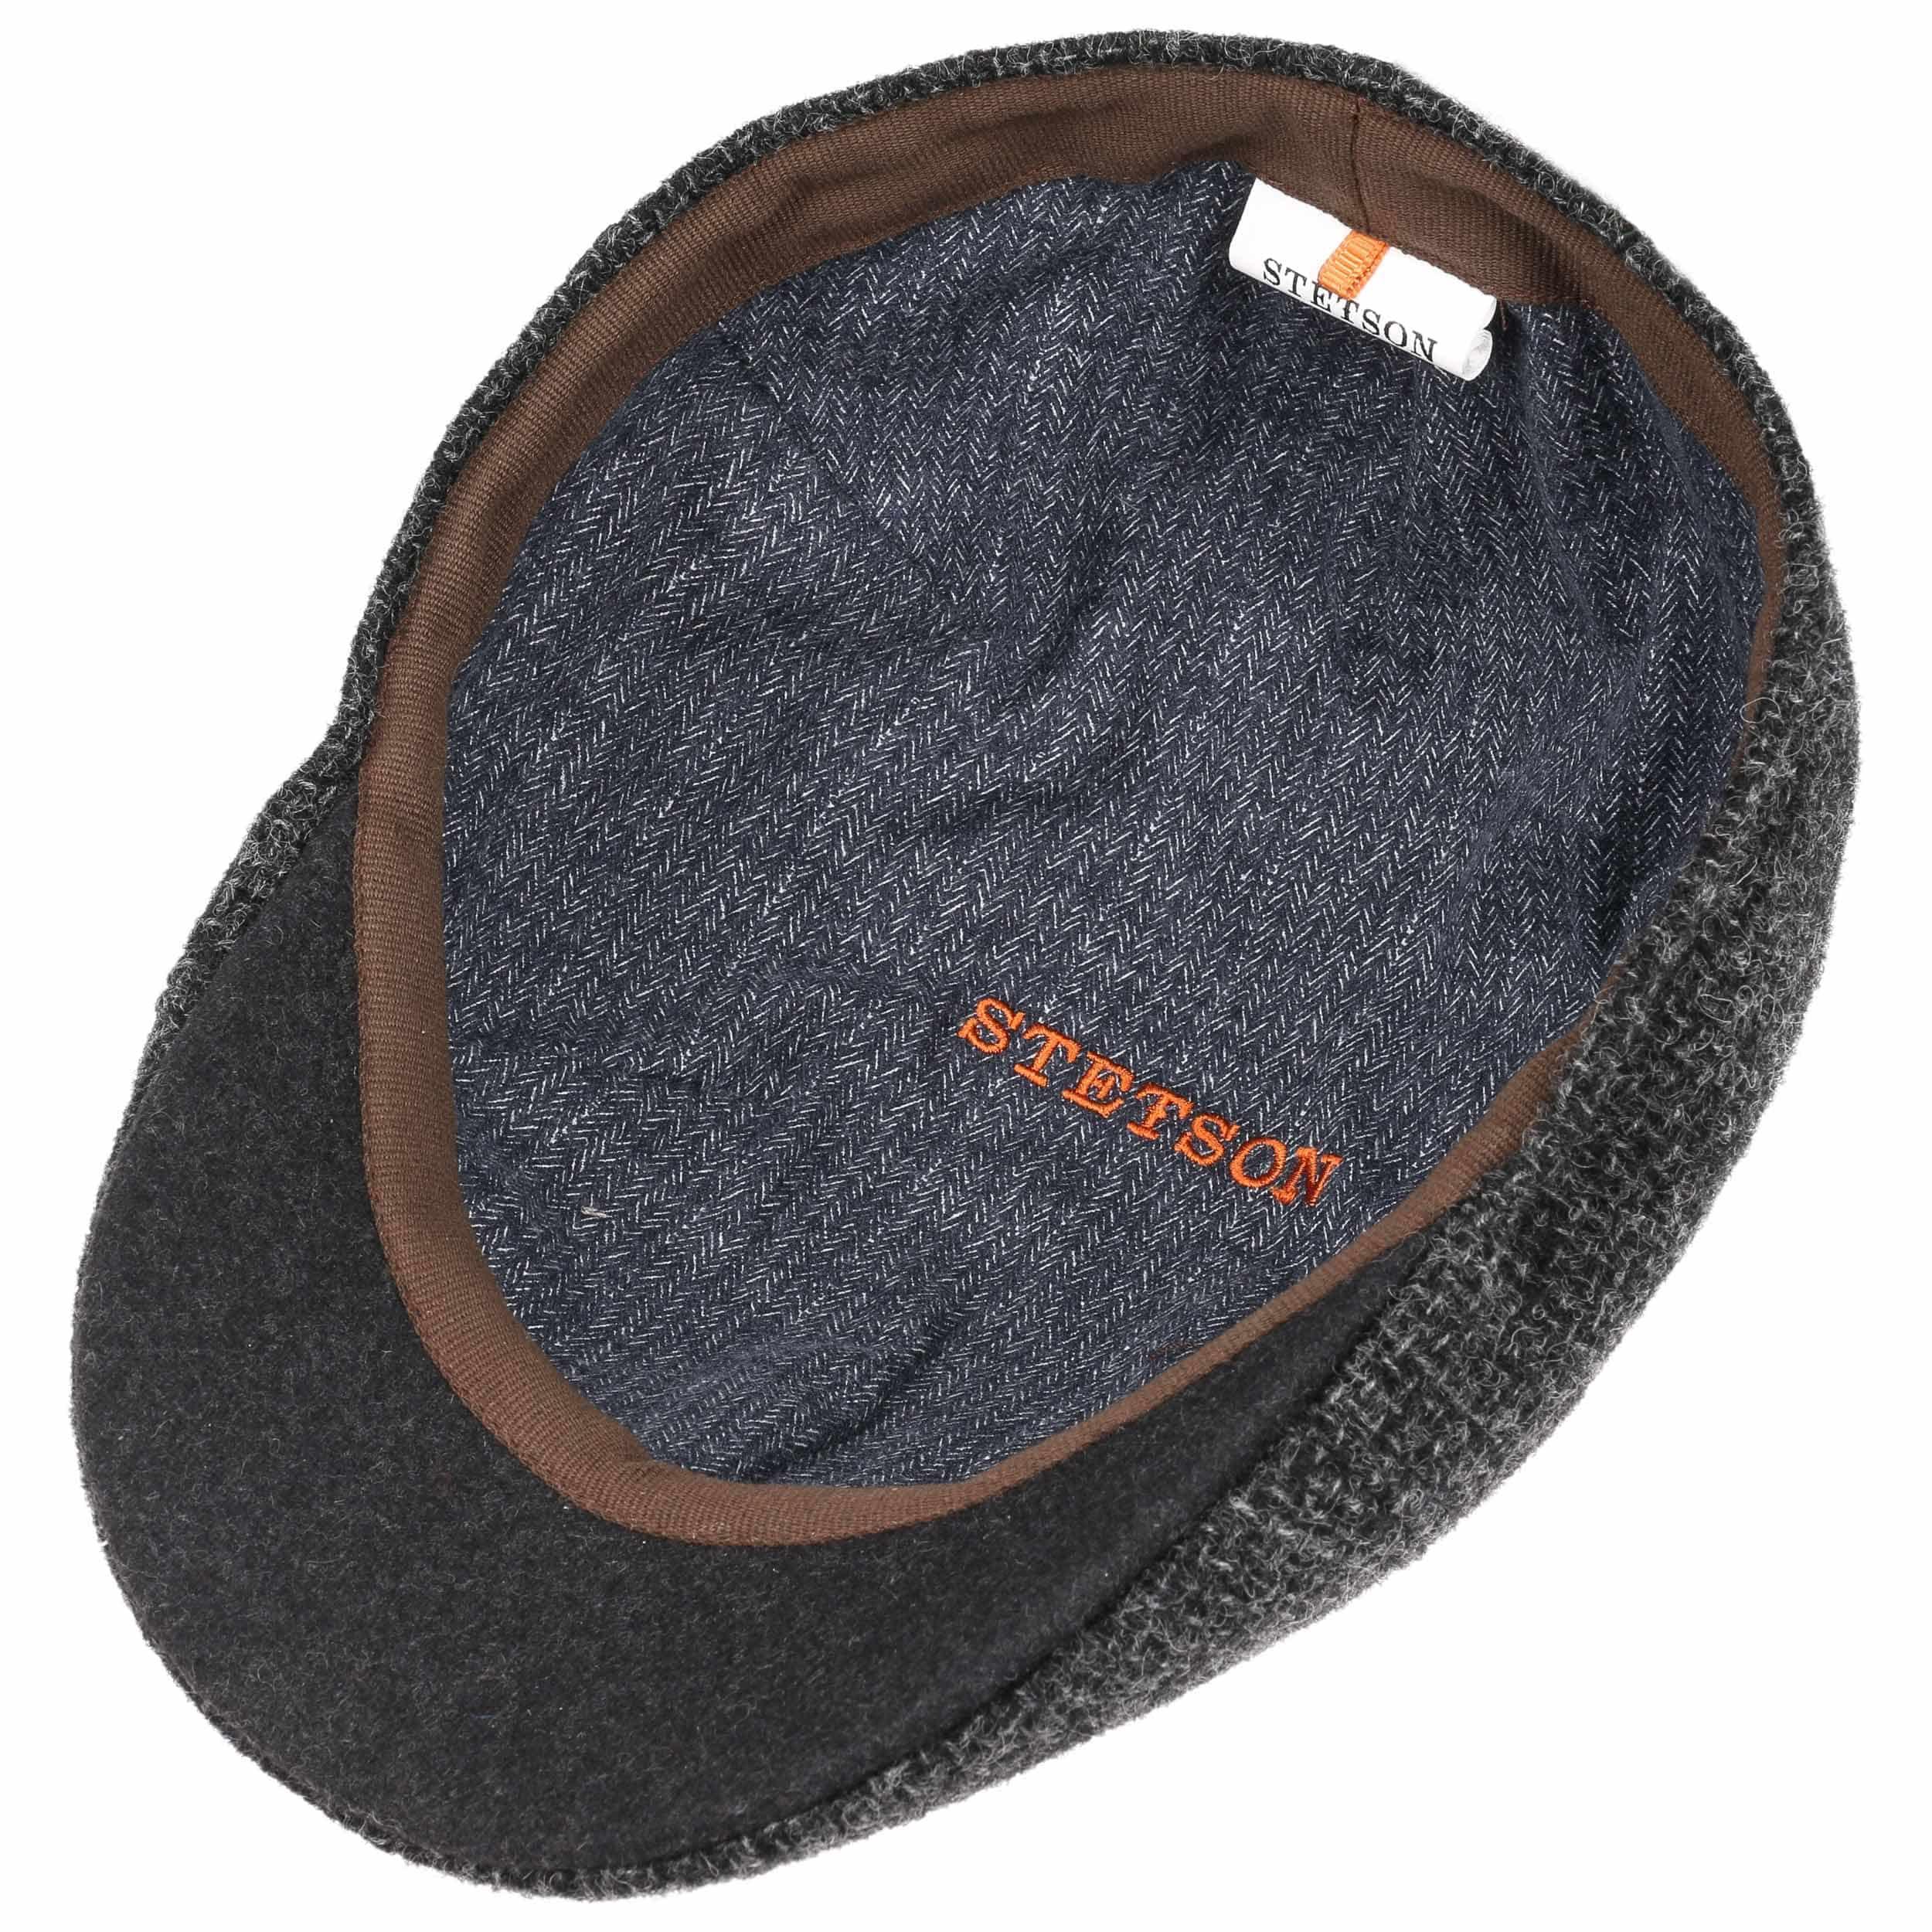 casquette texas classic wool by stetson eur 59 00 chapeaux casquettes et bonnets en ligne. Black Bedroom Furniture Sets. Home Design Ideas